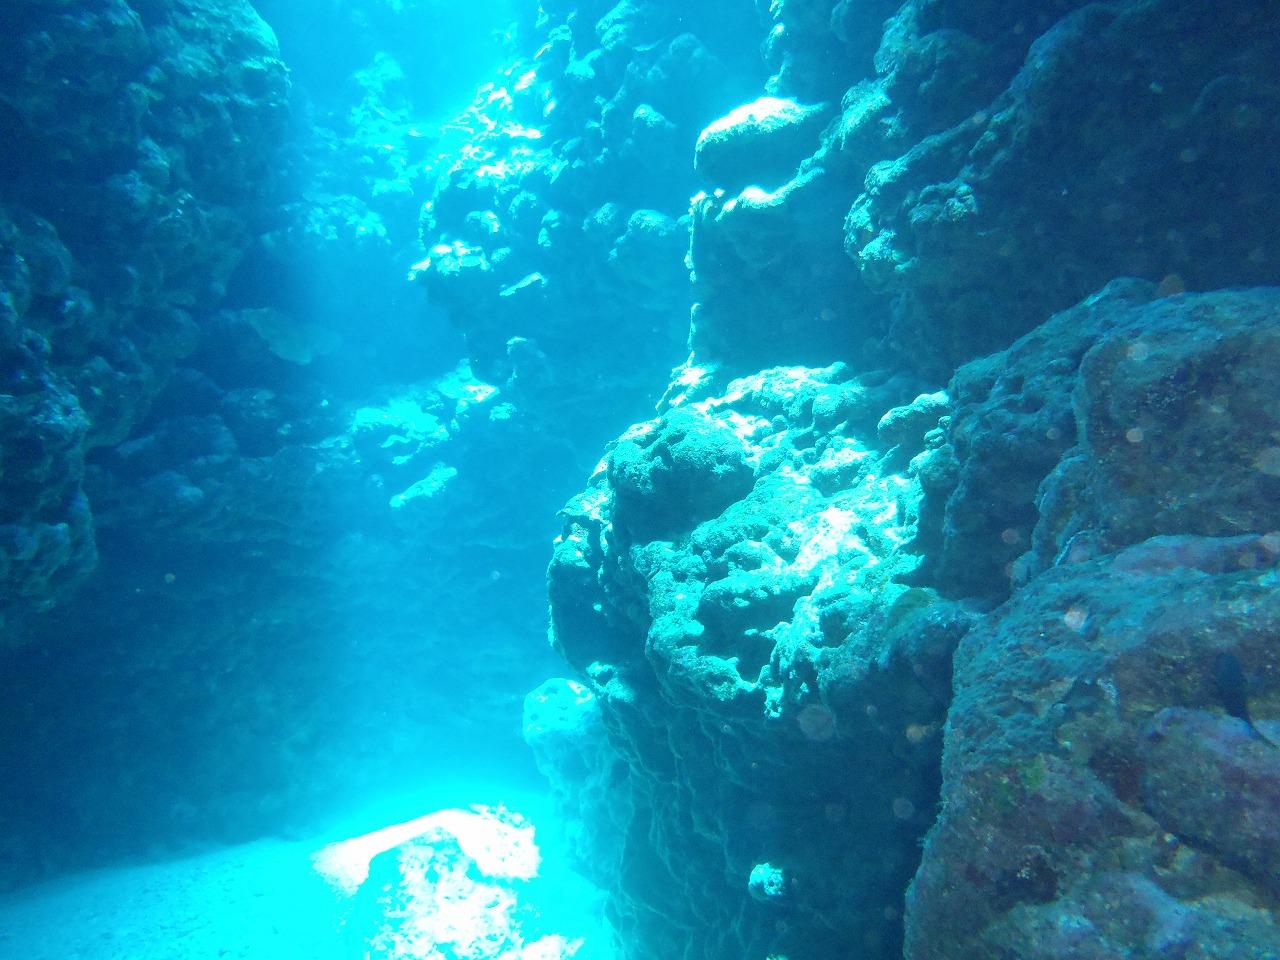 透明感バツグンの水中画像集